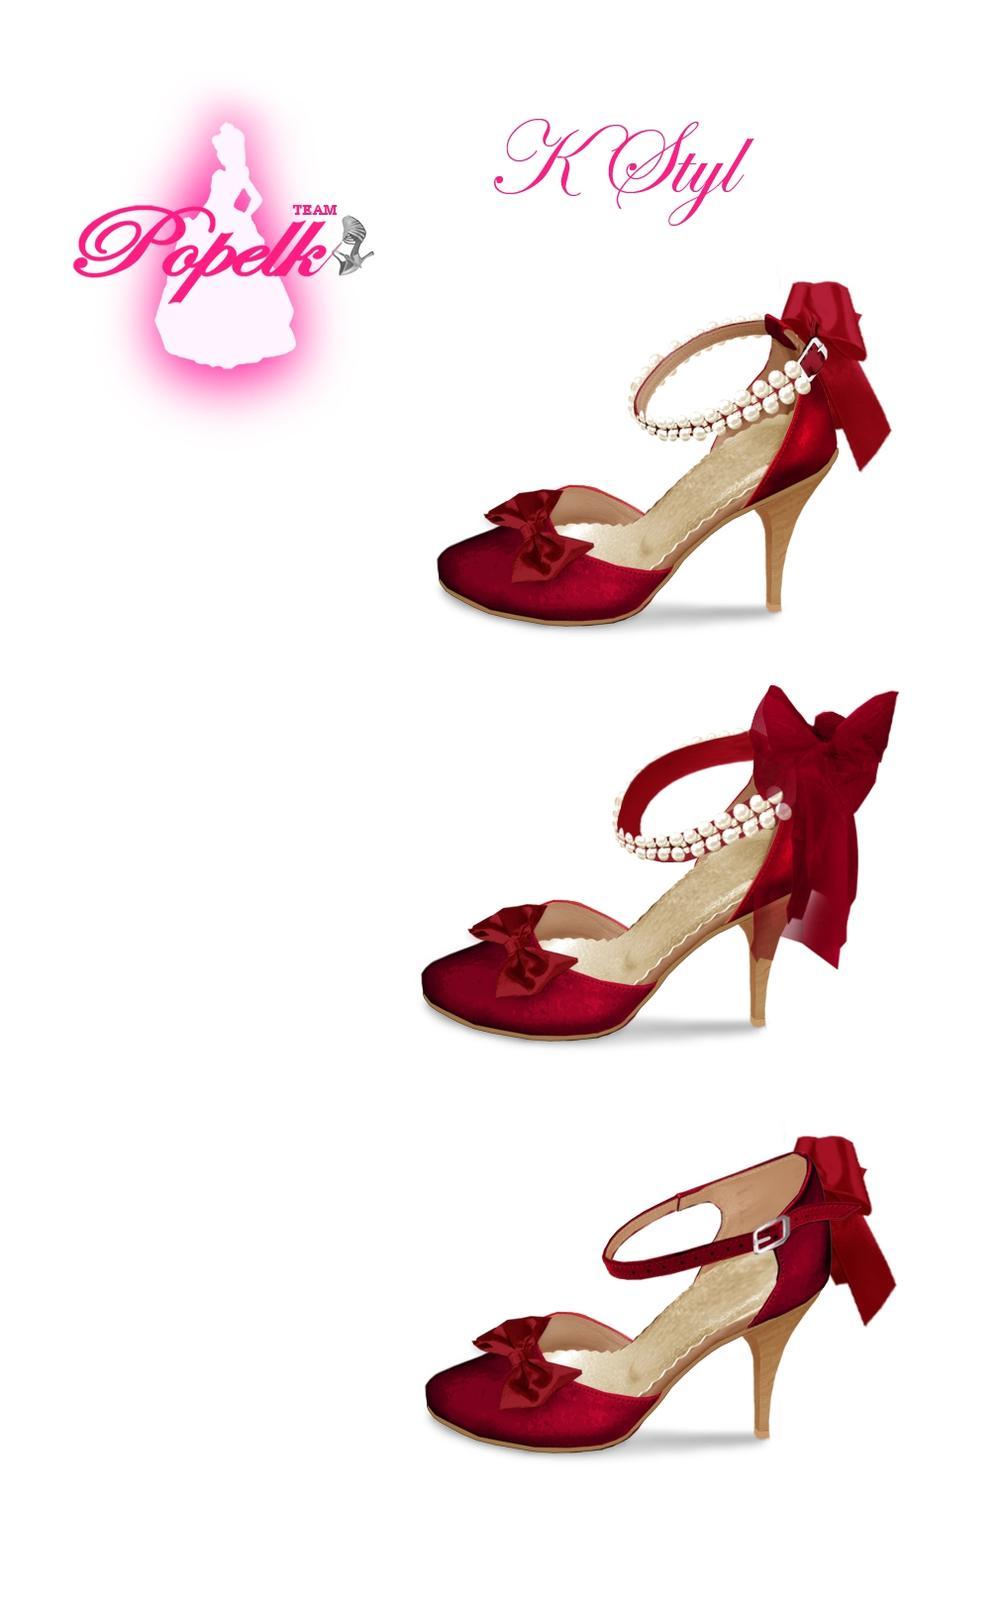 Svadobné topánky s úpravou na želanie - inšpirácie bordó, hnědá, čokoládová - Obrázok č. 33